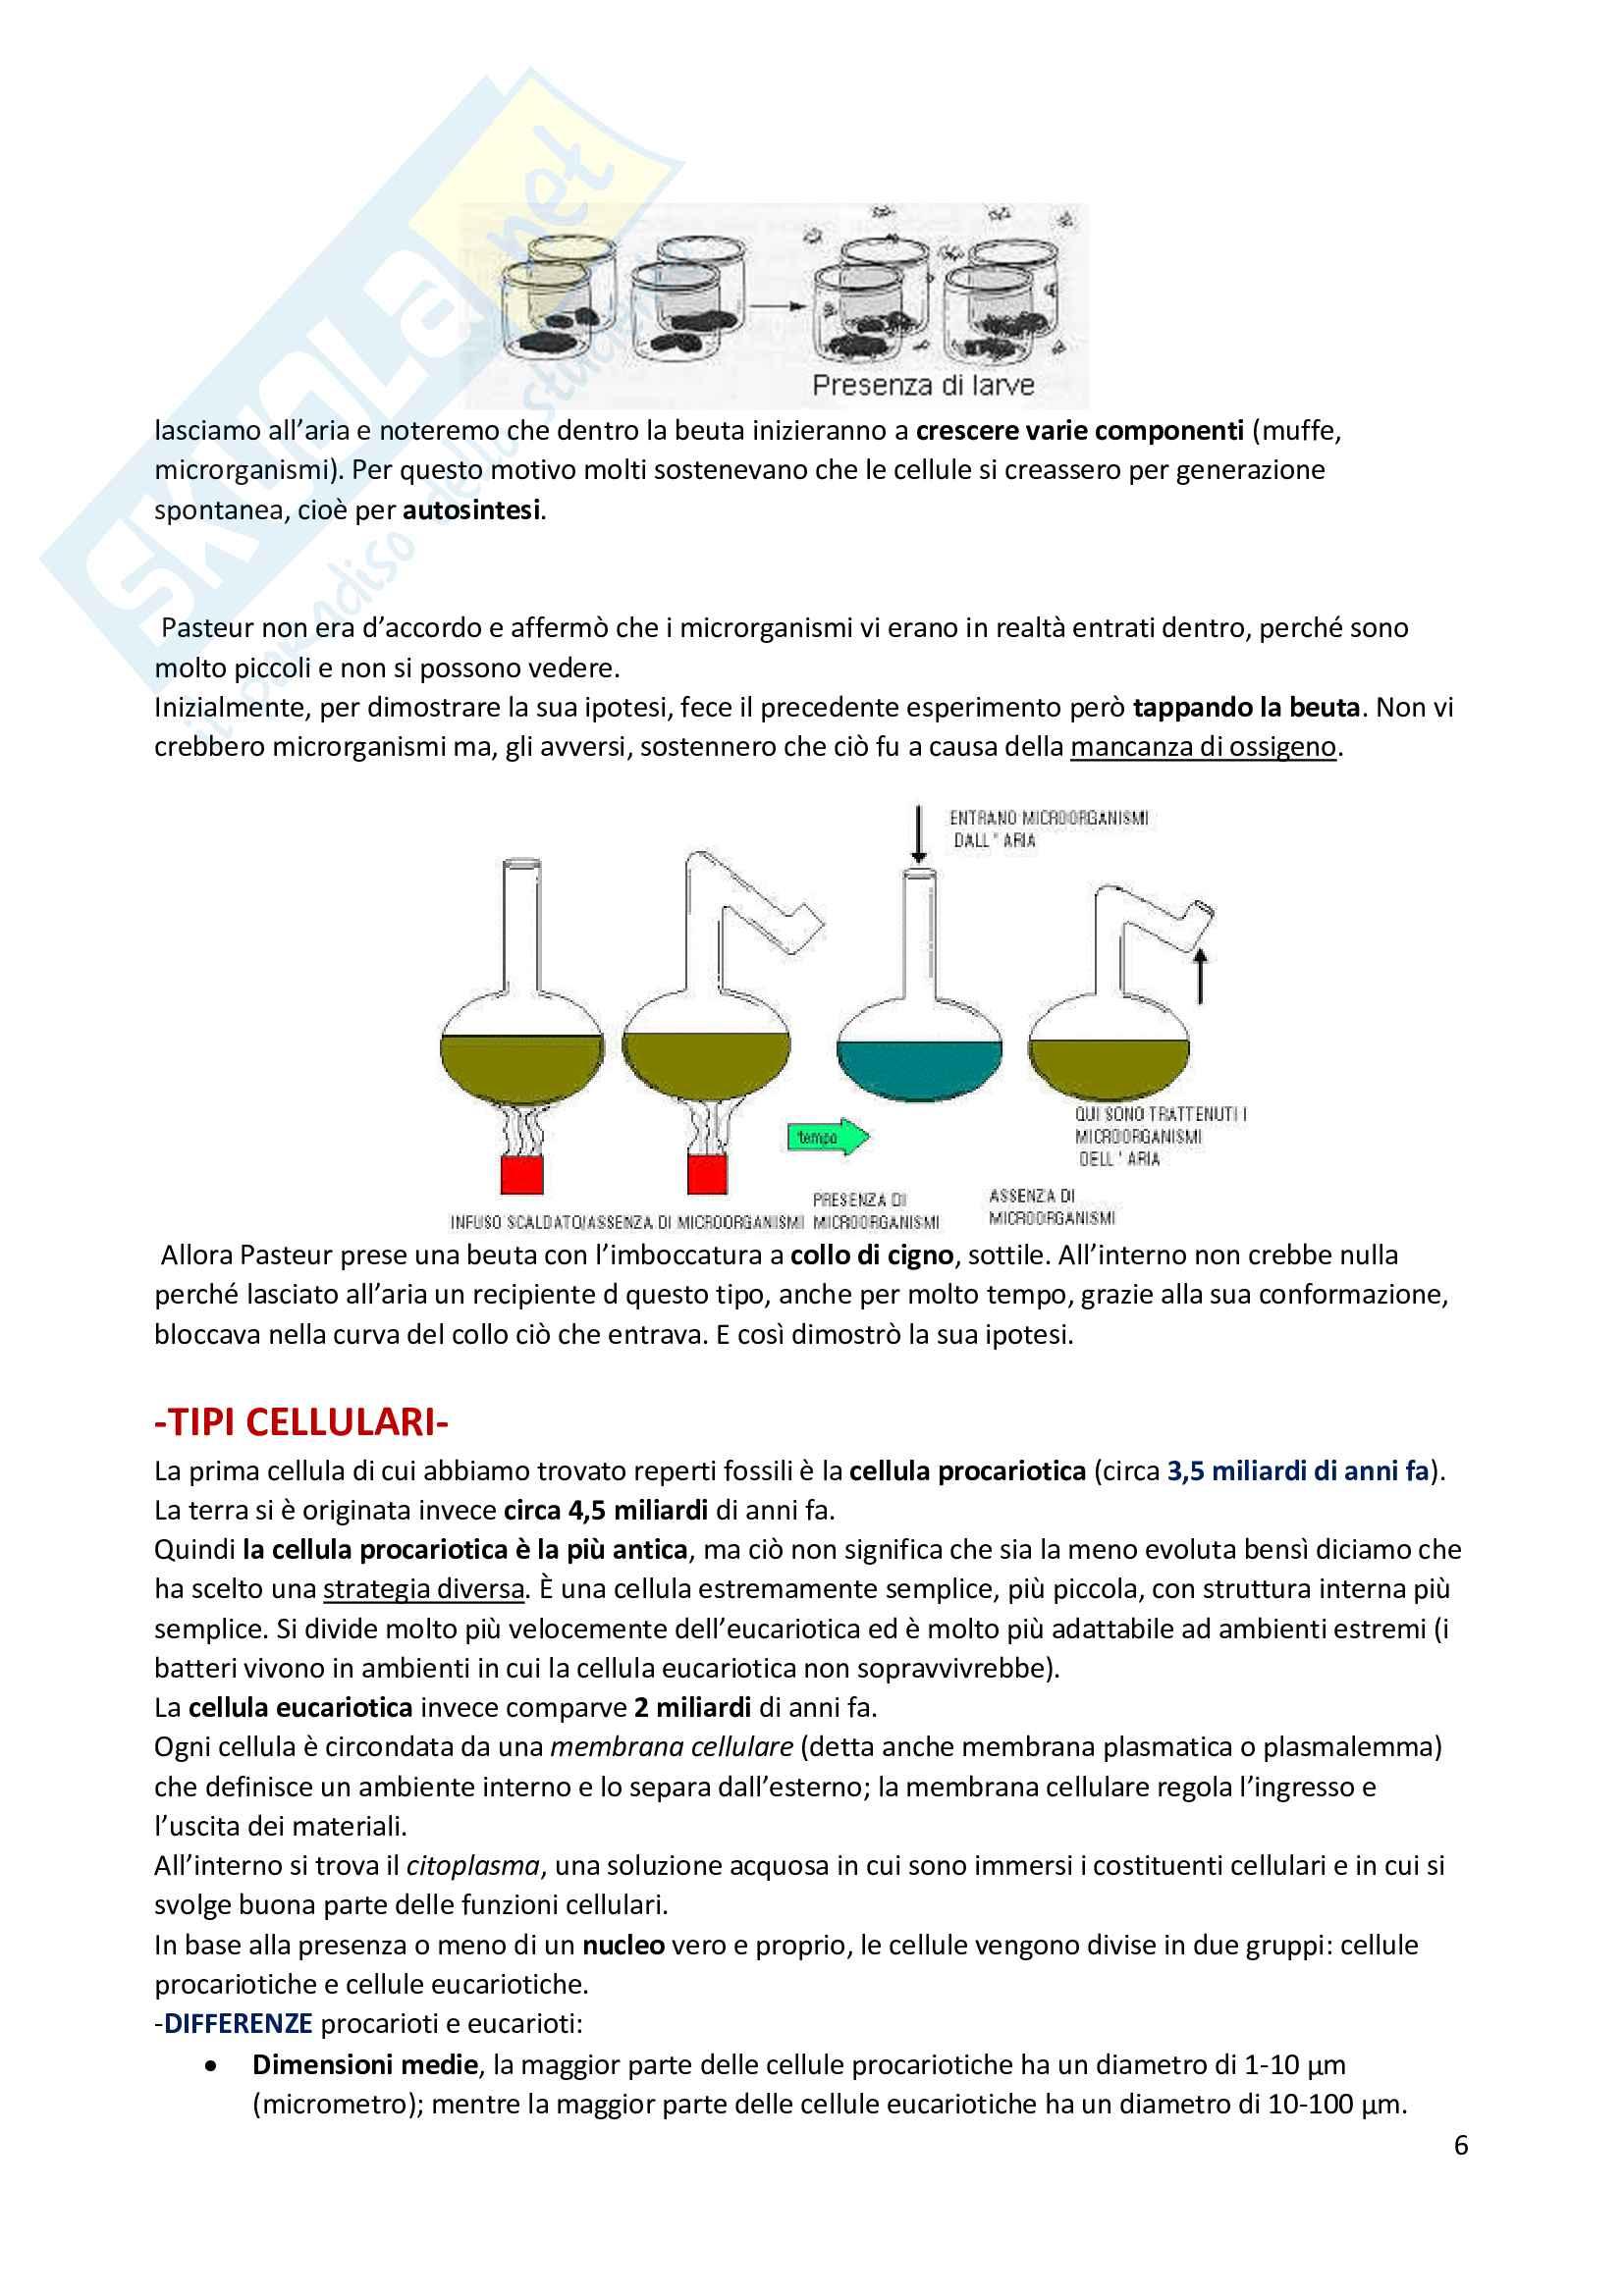 Riassunto di Biologia: utile alla preparazione ai test d'ammissione per le facoltà scientifiche Pag. 6